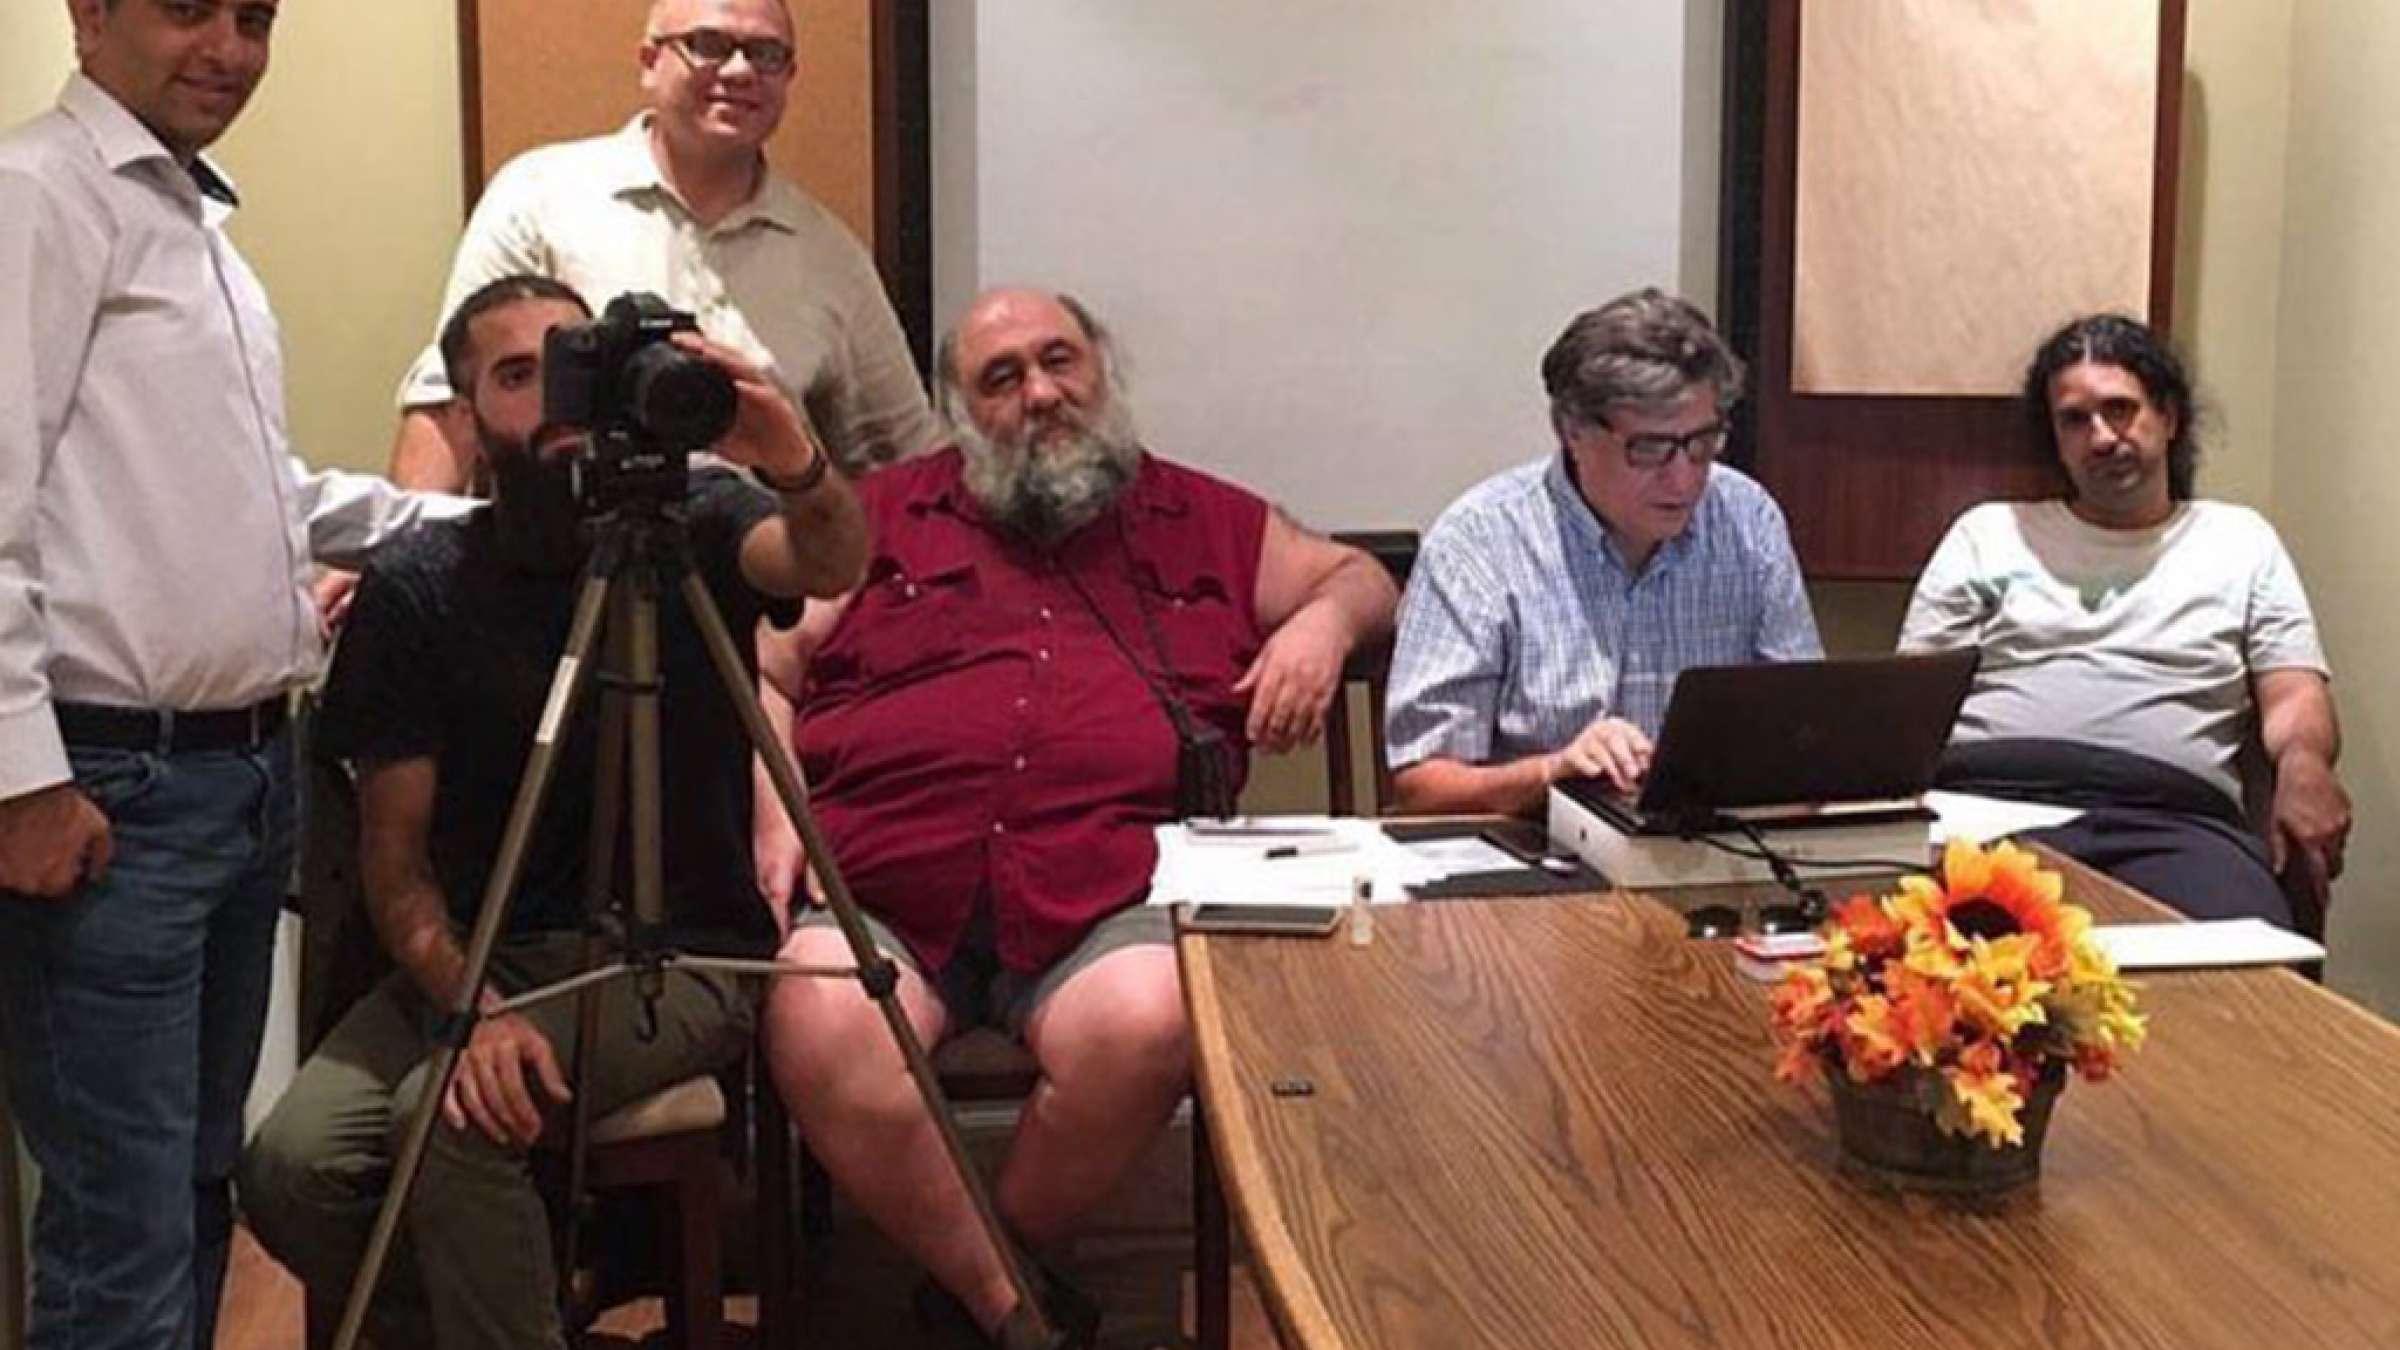 هنری-شیرازی-من-فیلم-پاندول-و-کسانی-که-برایش-عاشقانه-زیستند-دوربین